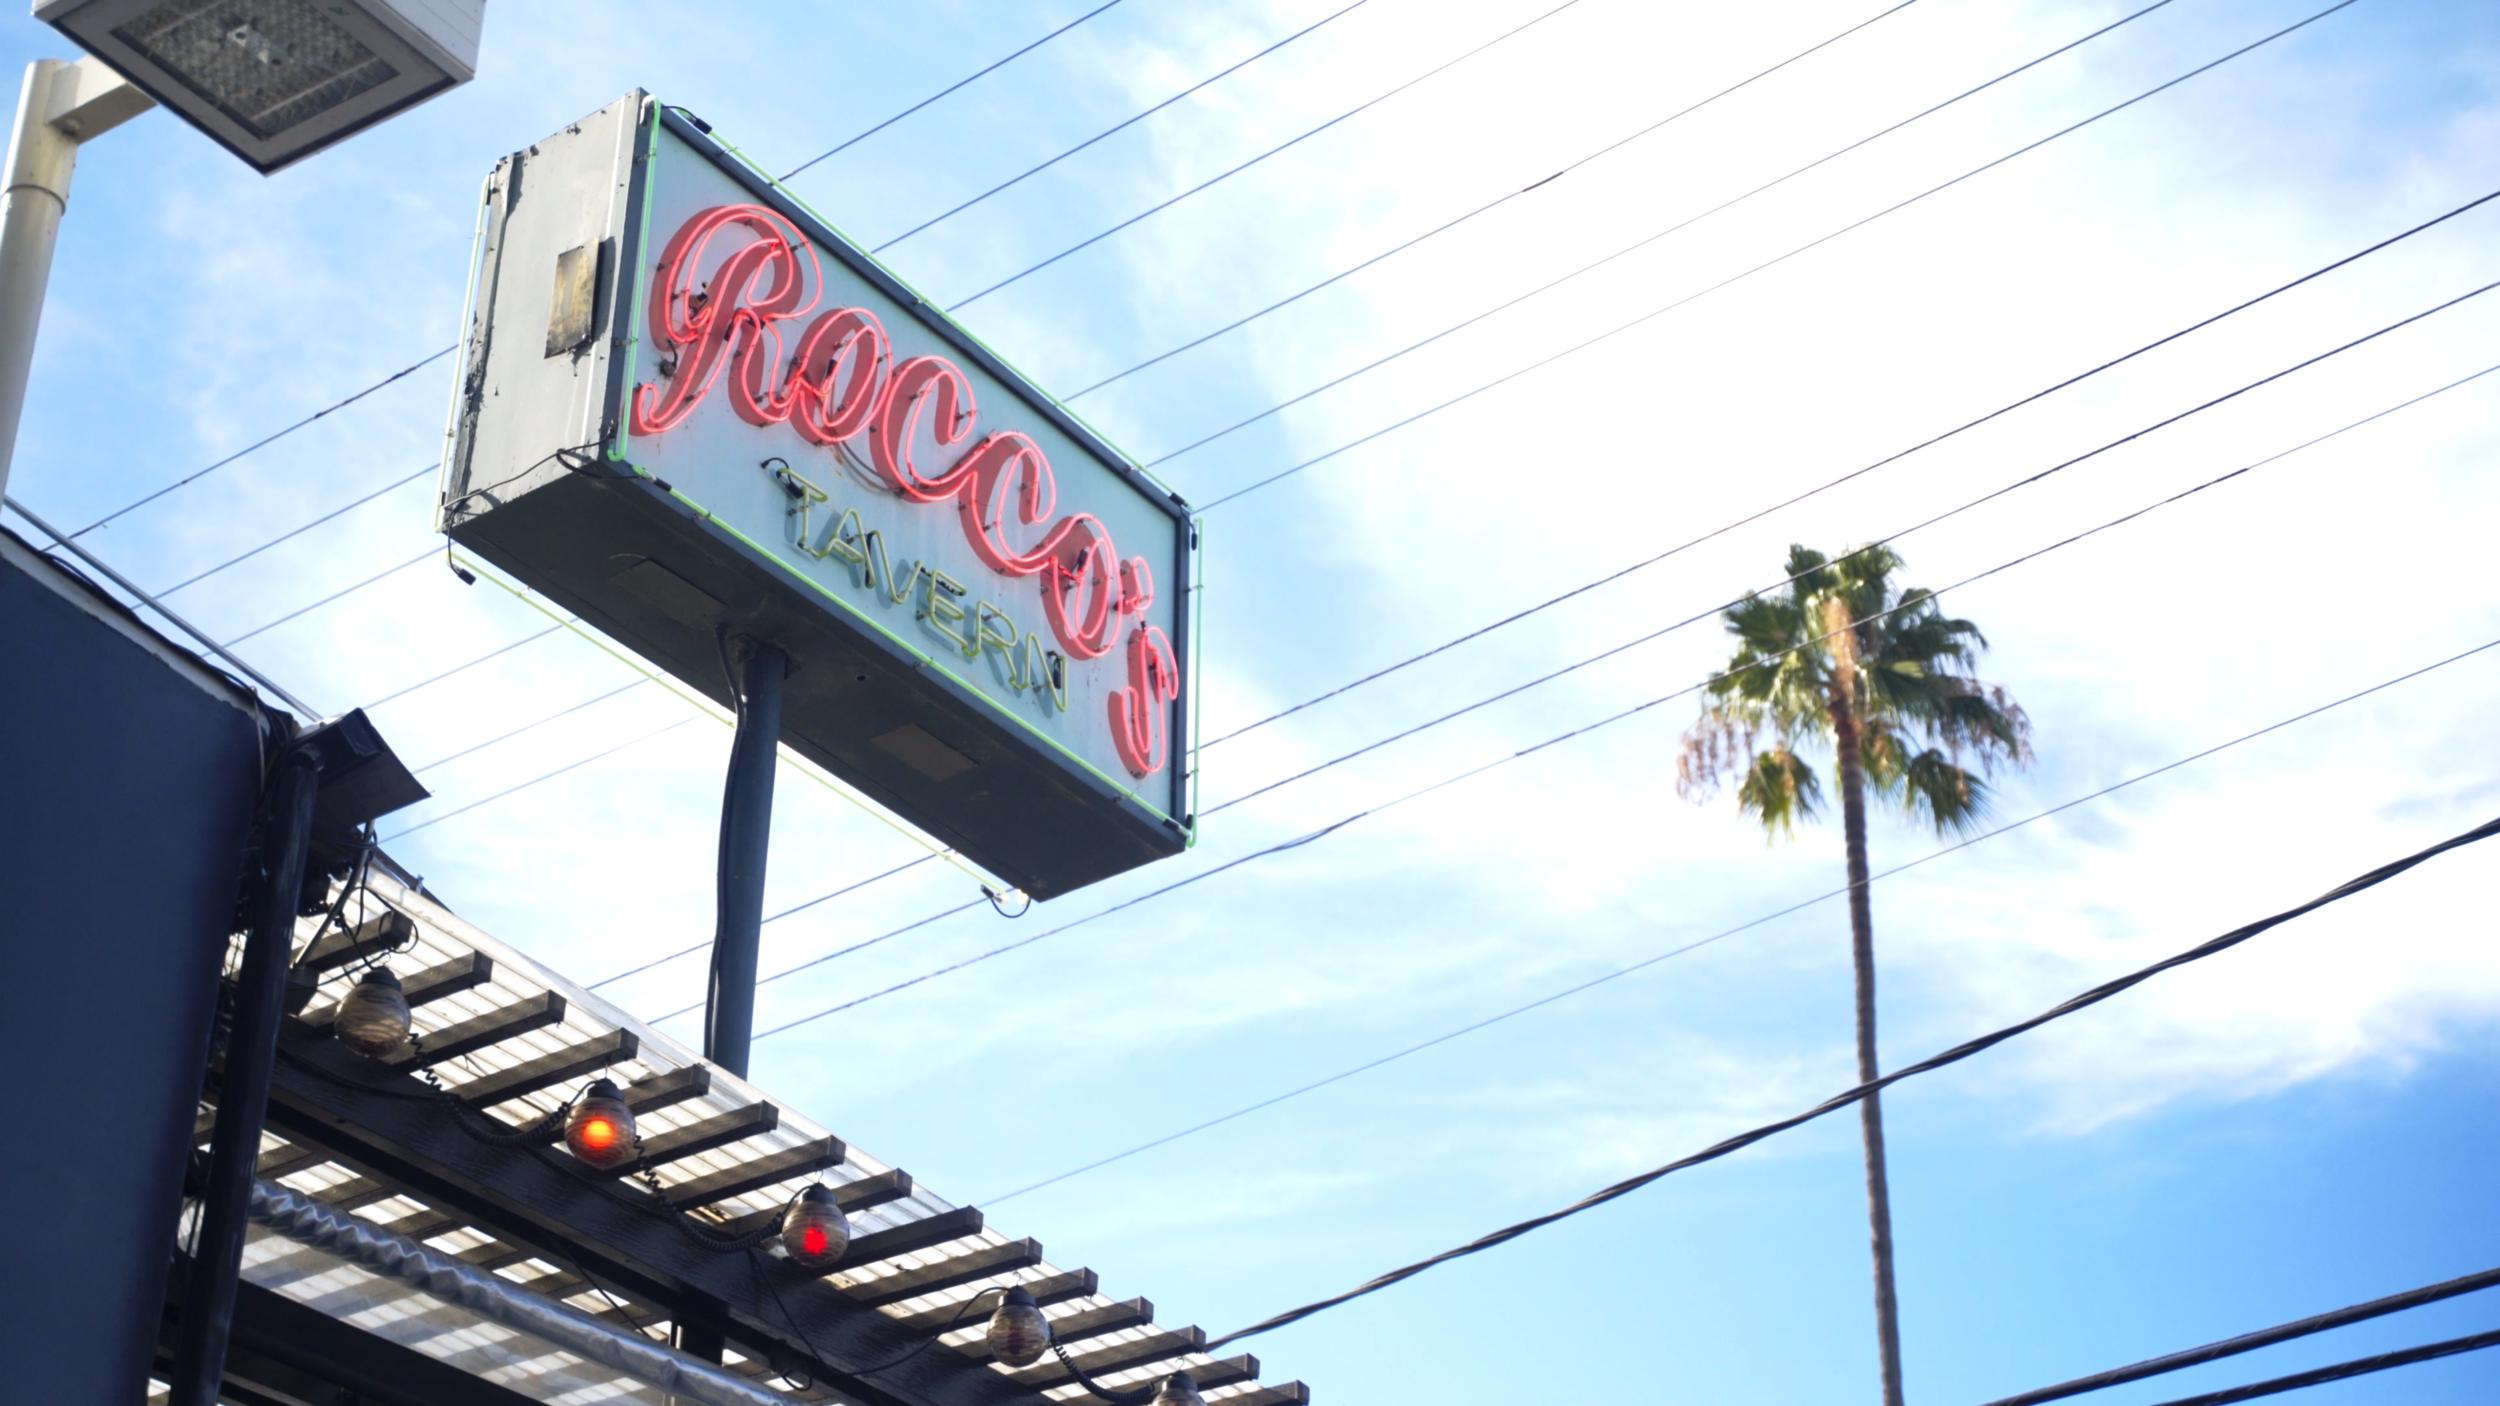 Rocco's Tavern in Studio City